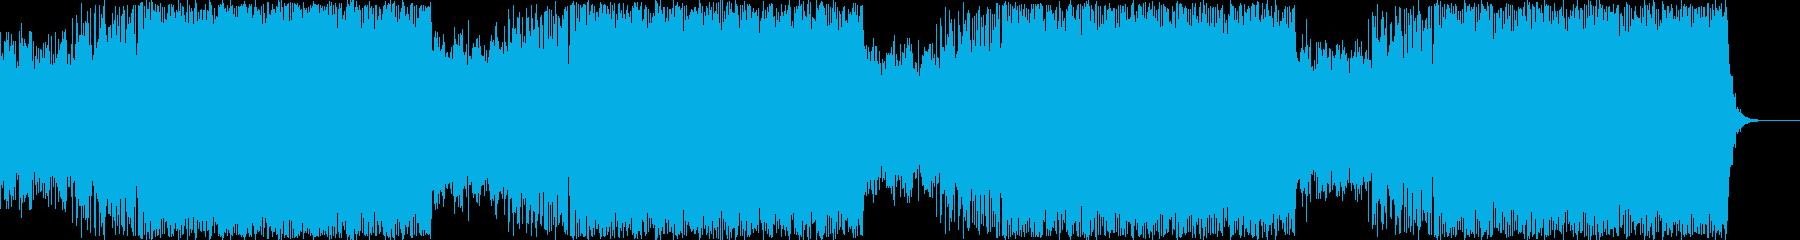 妖艶と力強さが共存するダンスビート(L)の再生済みの波形